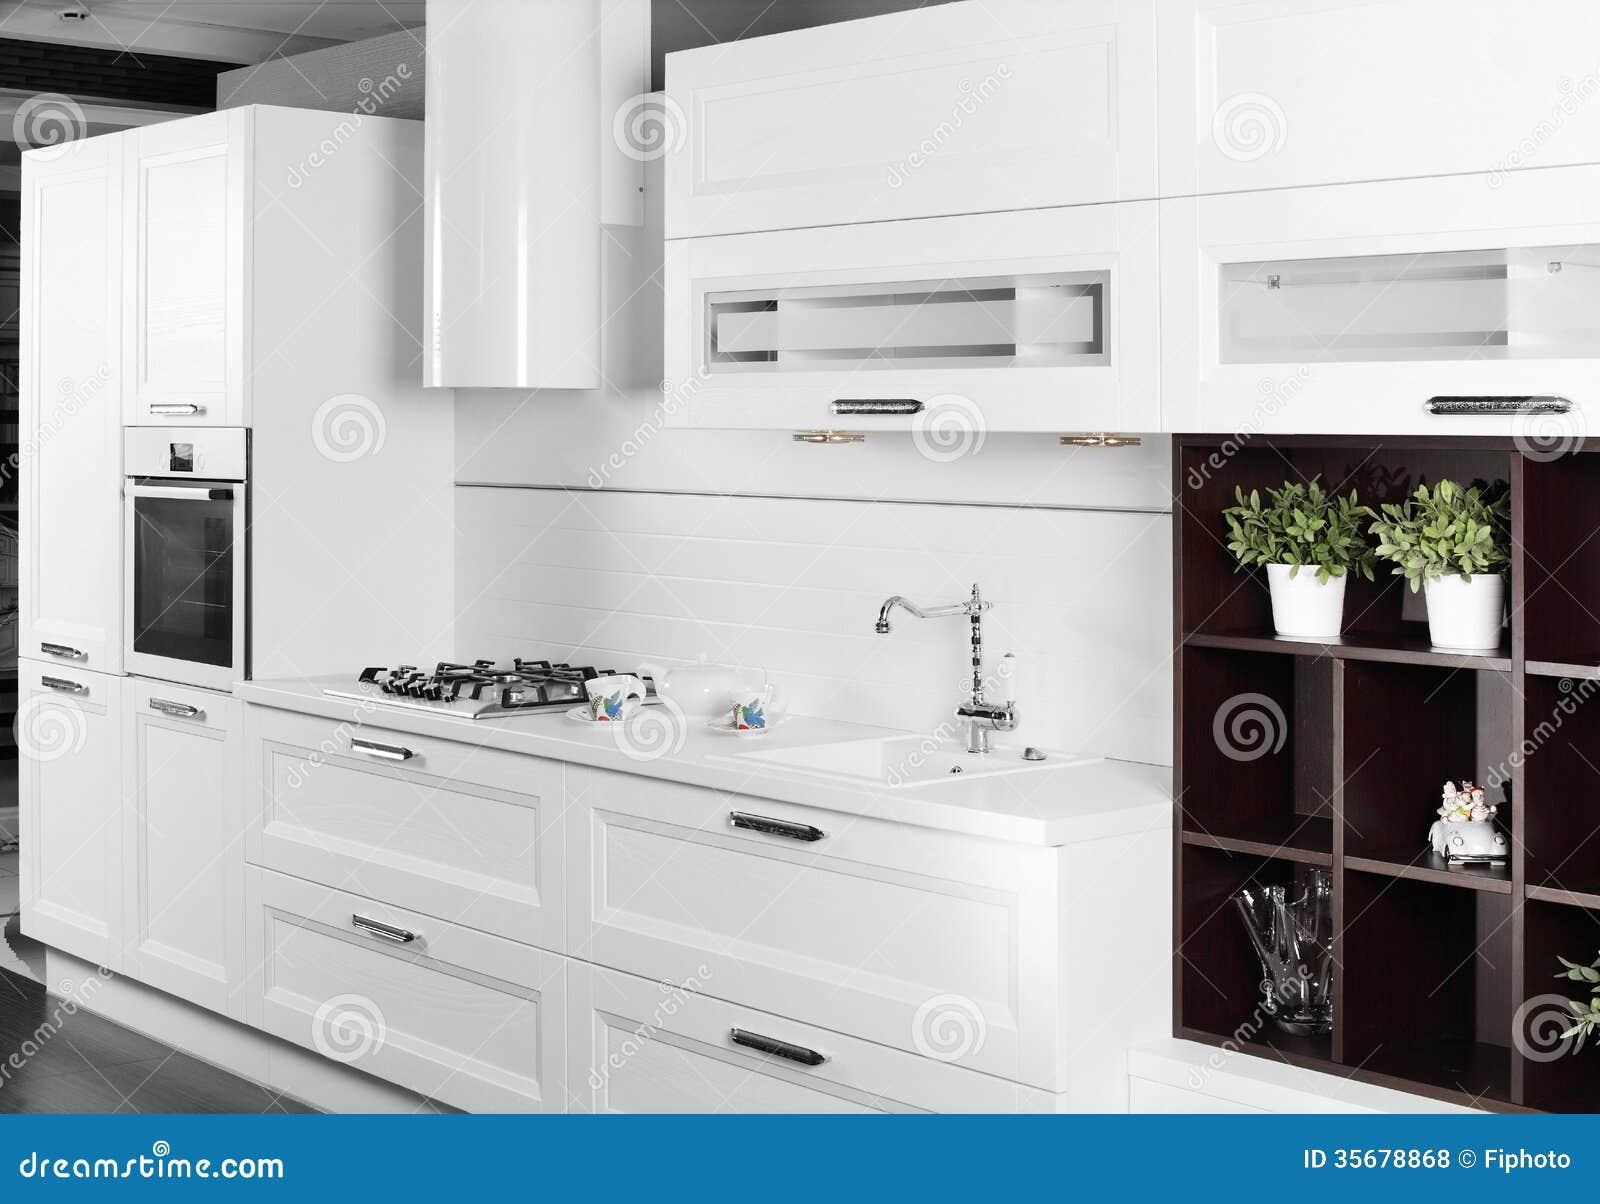 Keuken ontwerp ikea - Trendkleur keuken ...